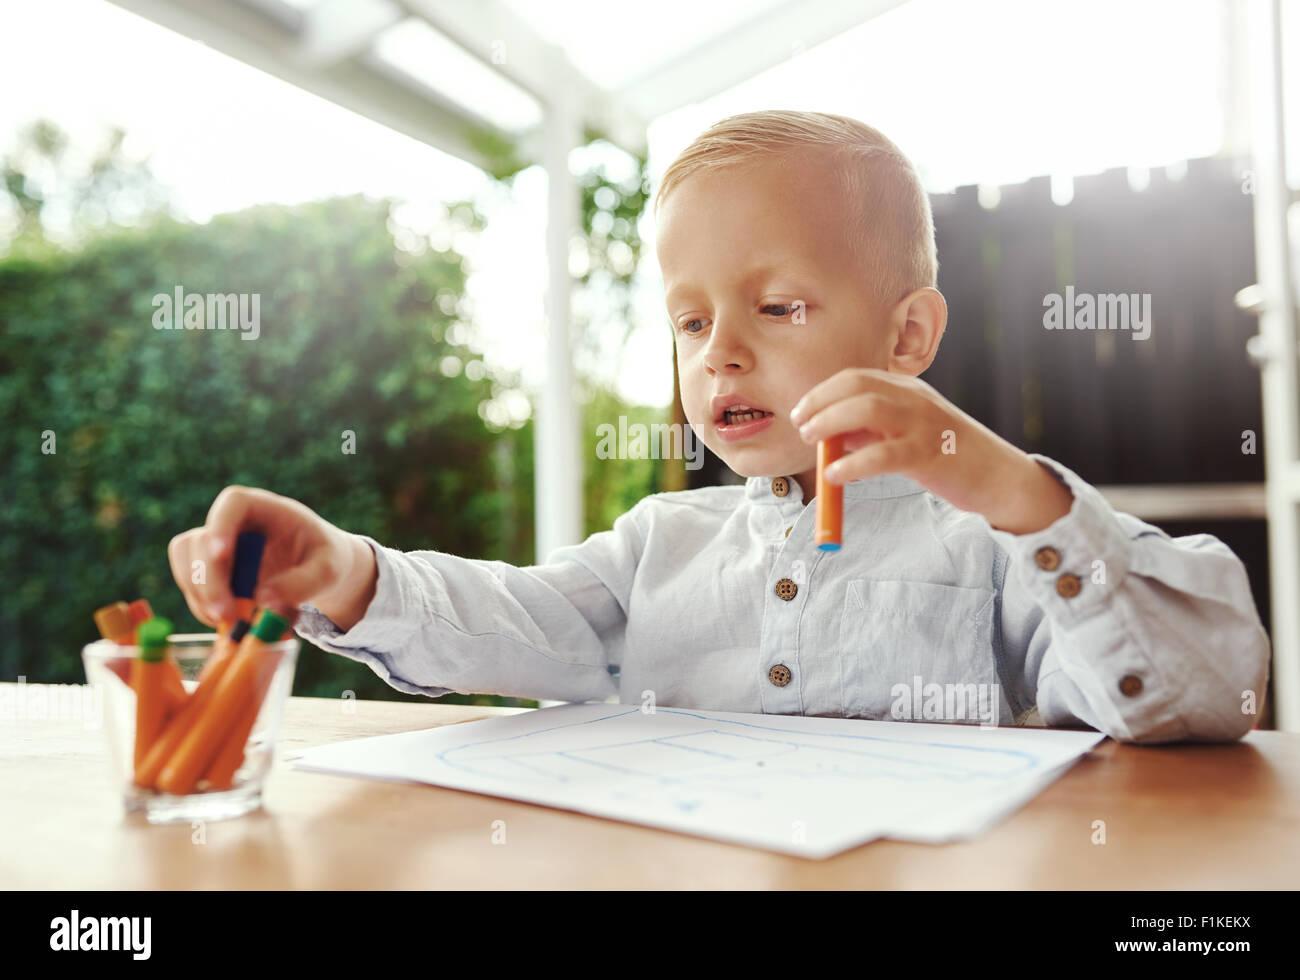 Grazioso piccolo ragazzo biondo selezionando un colore pastello a cera da una raccolta in un contenitore di vetro Immagini Stock